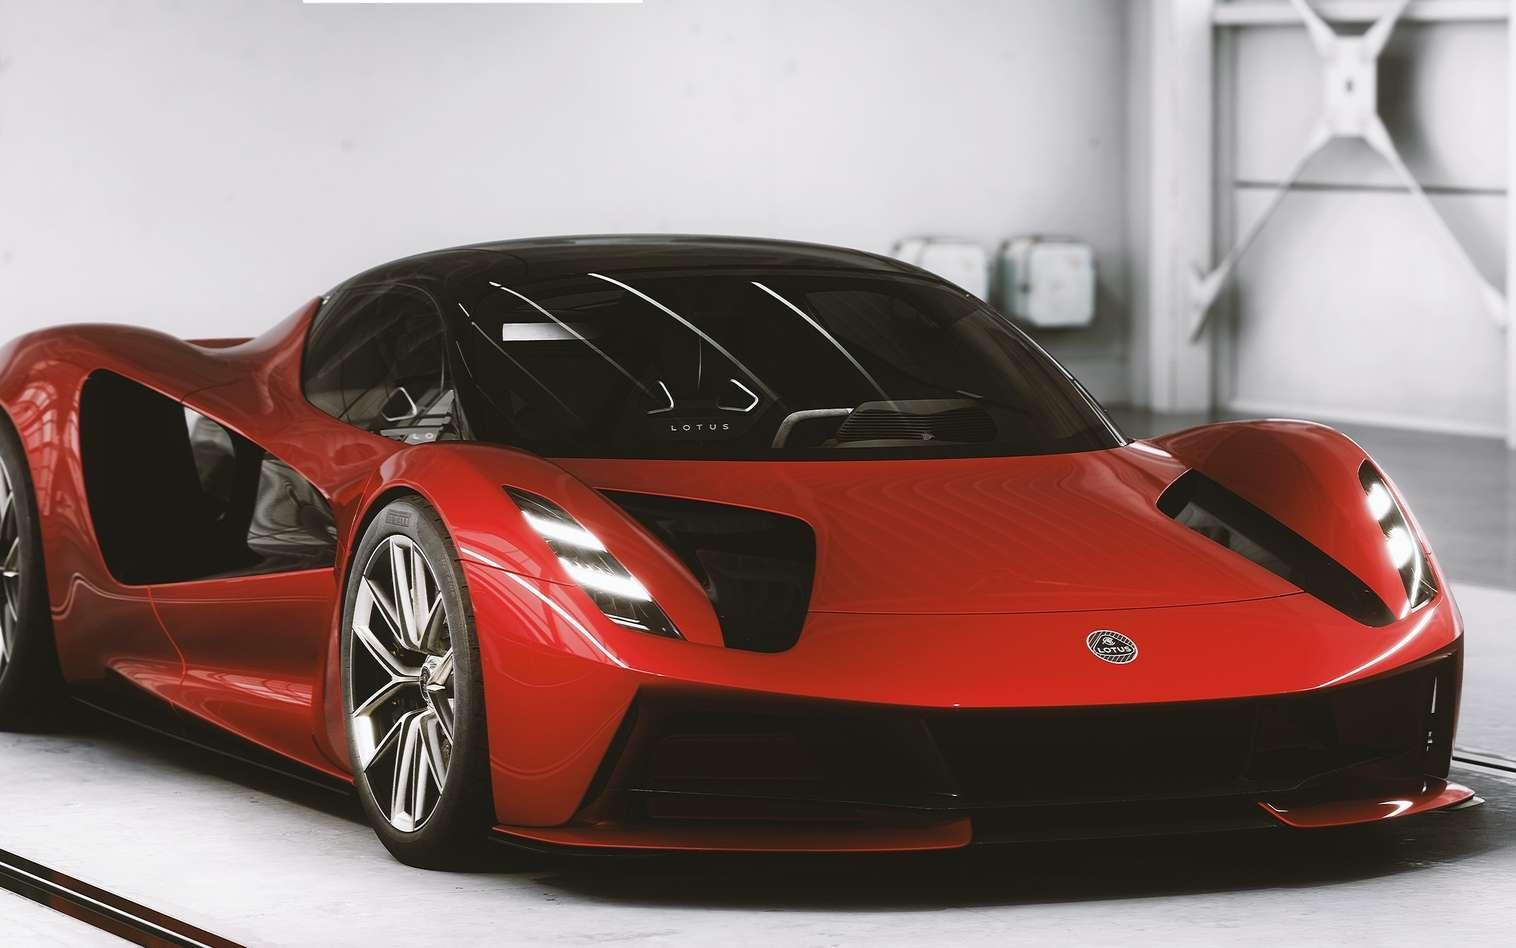 La Lotus Evija dans sa livrée rouge est vraiment superbe. © Lotus Cars